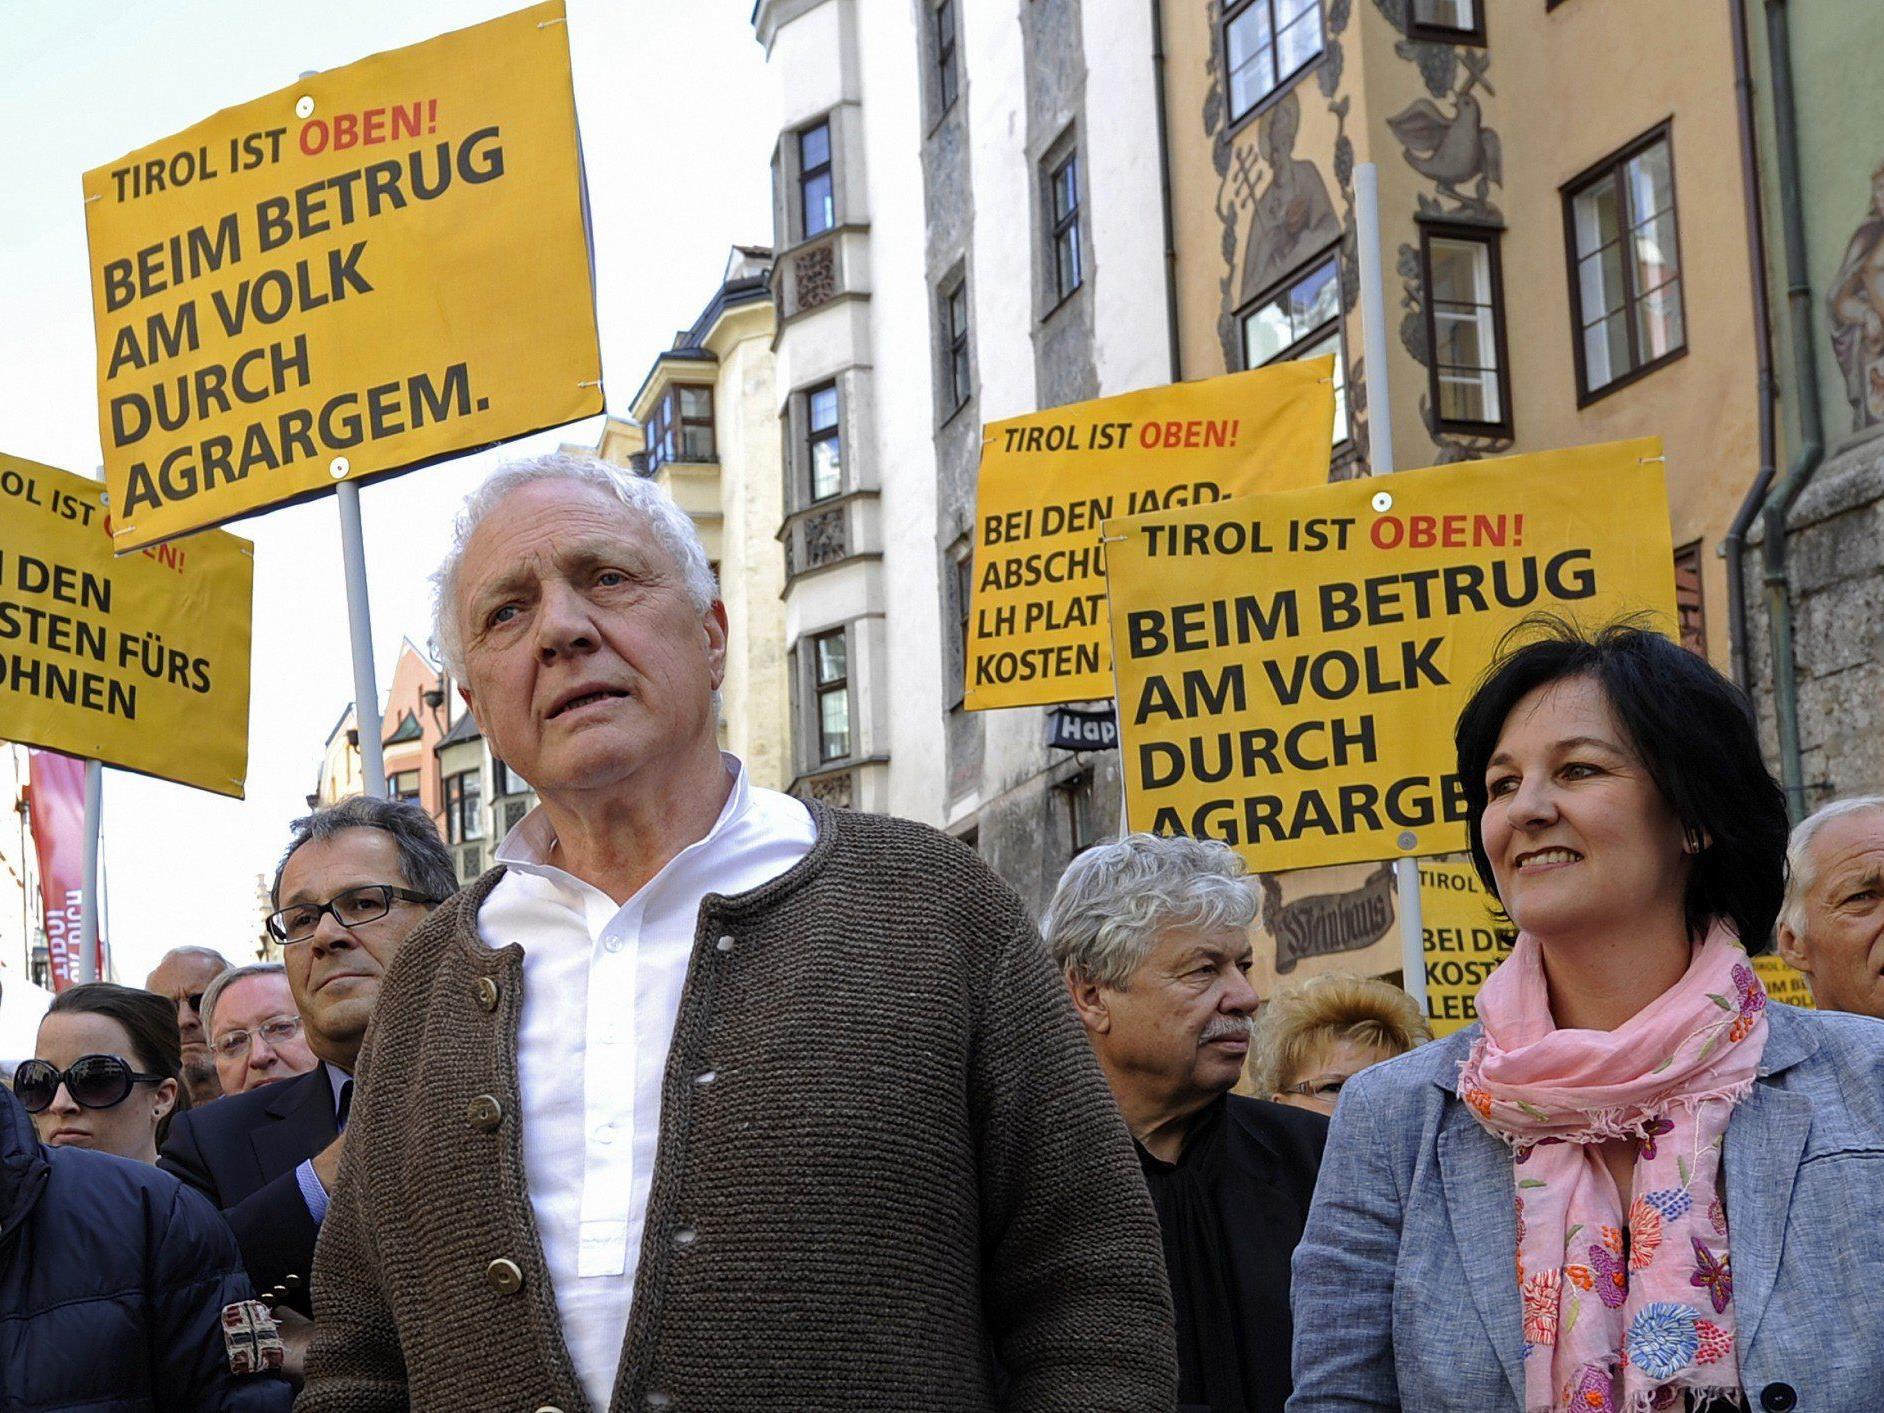 Tirol Wahl: Agrargemeinschaften Hauptthema bei Liste Fritz